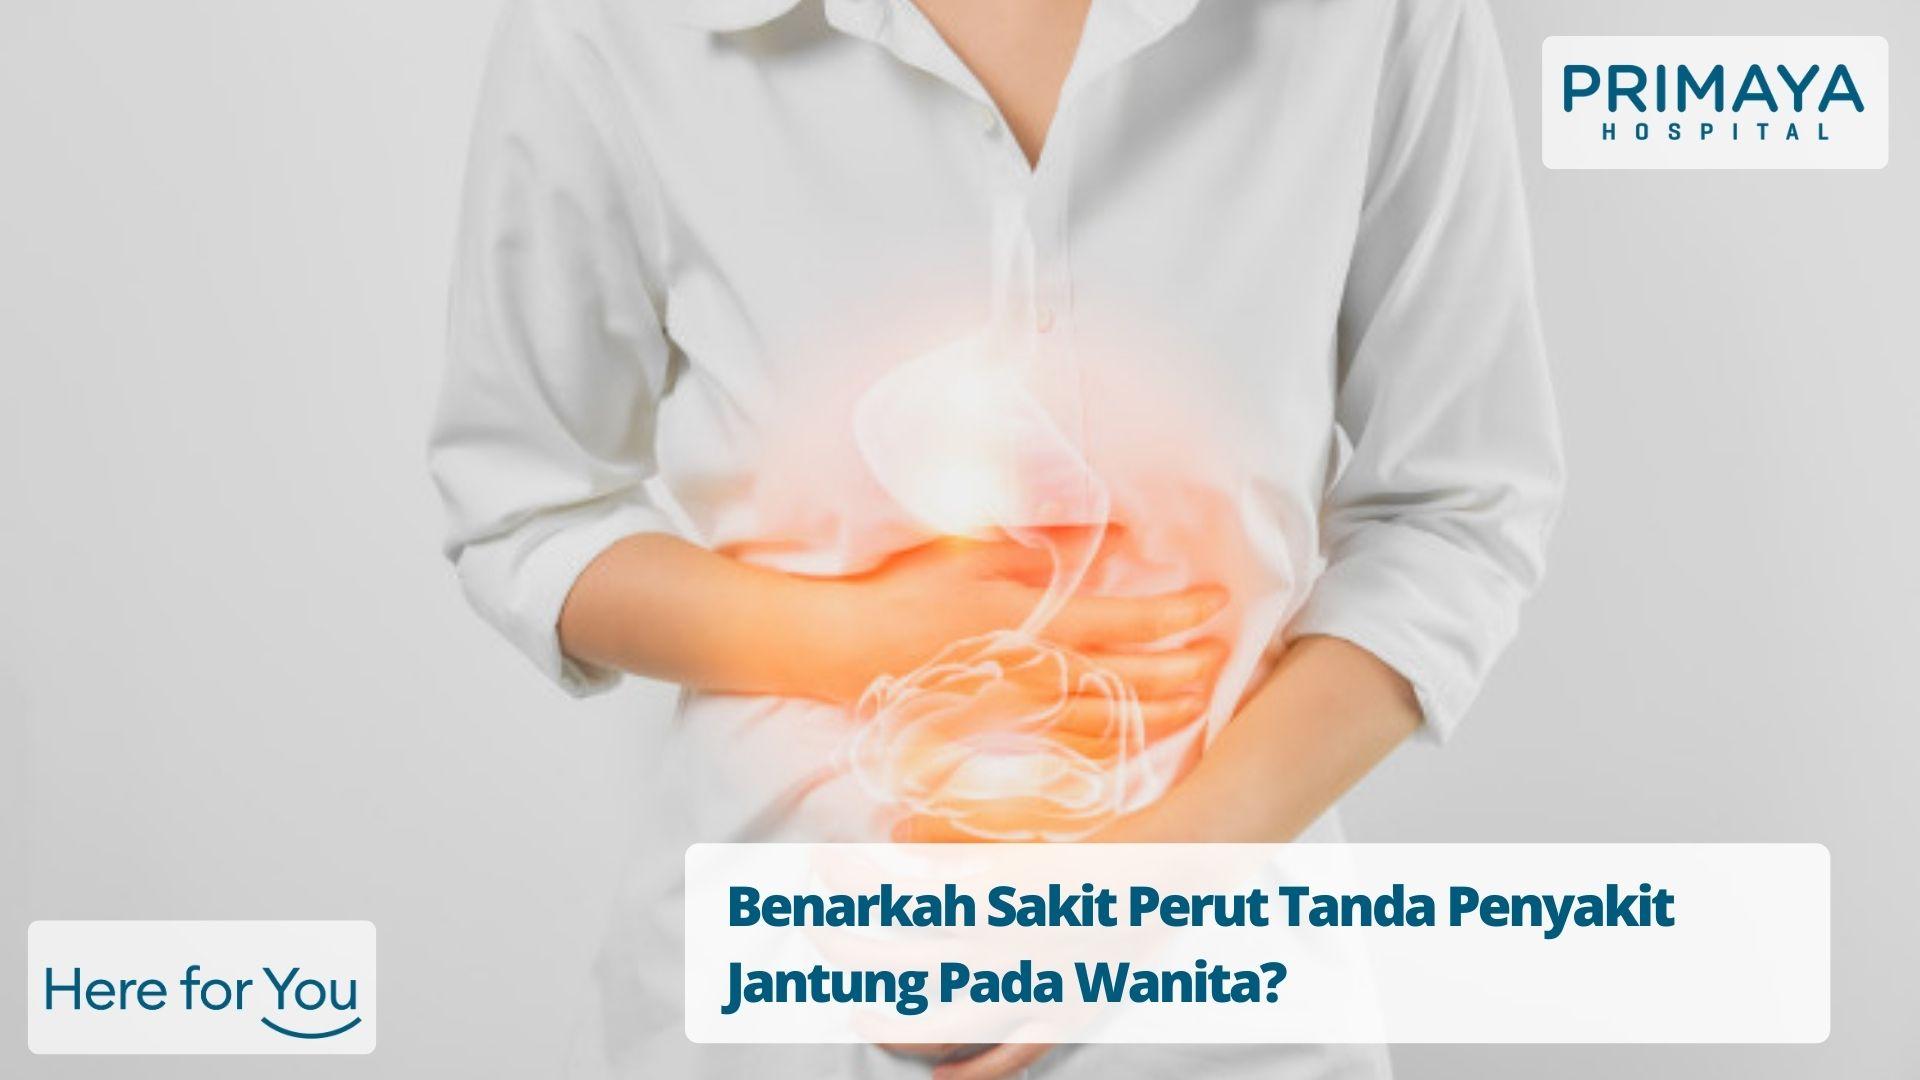 Benarkah Sakit Perut Tanda Penyakit Jantung Pada Wanita_